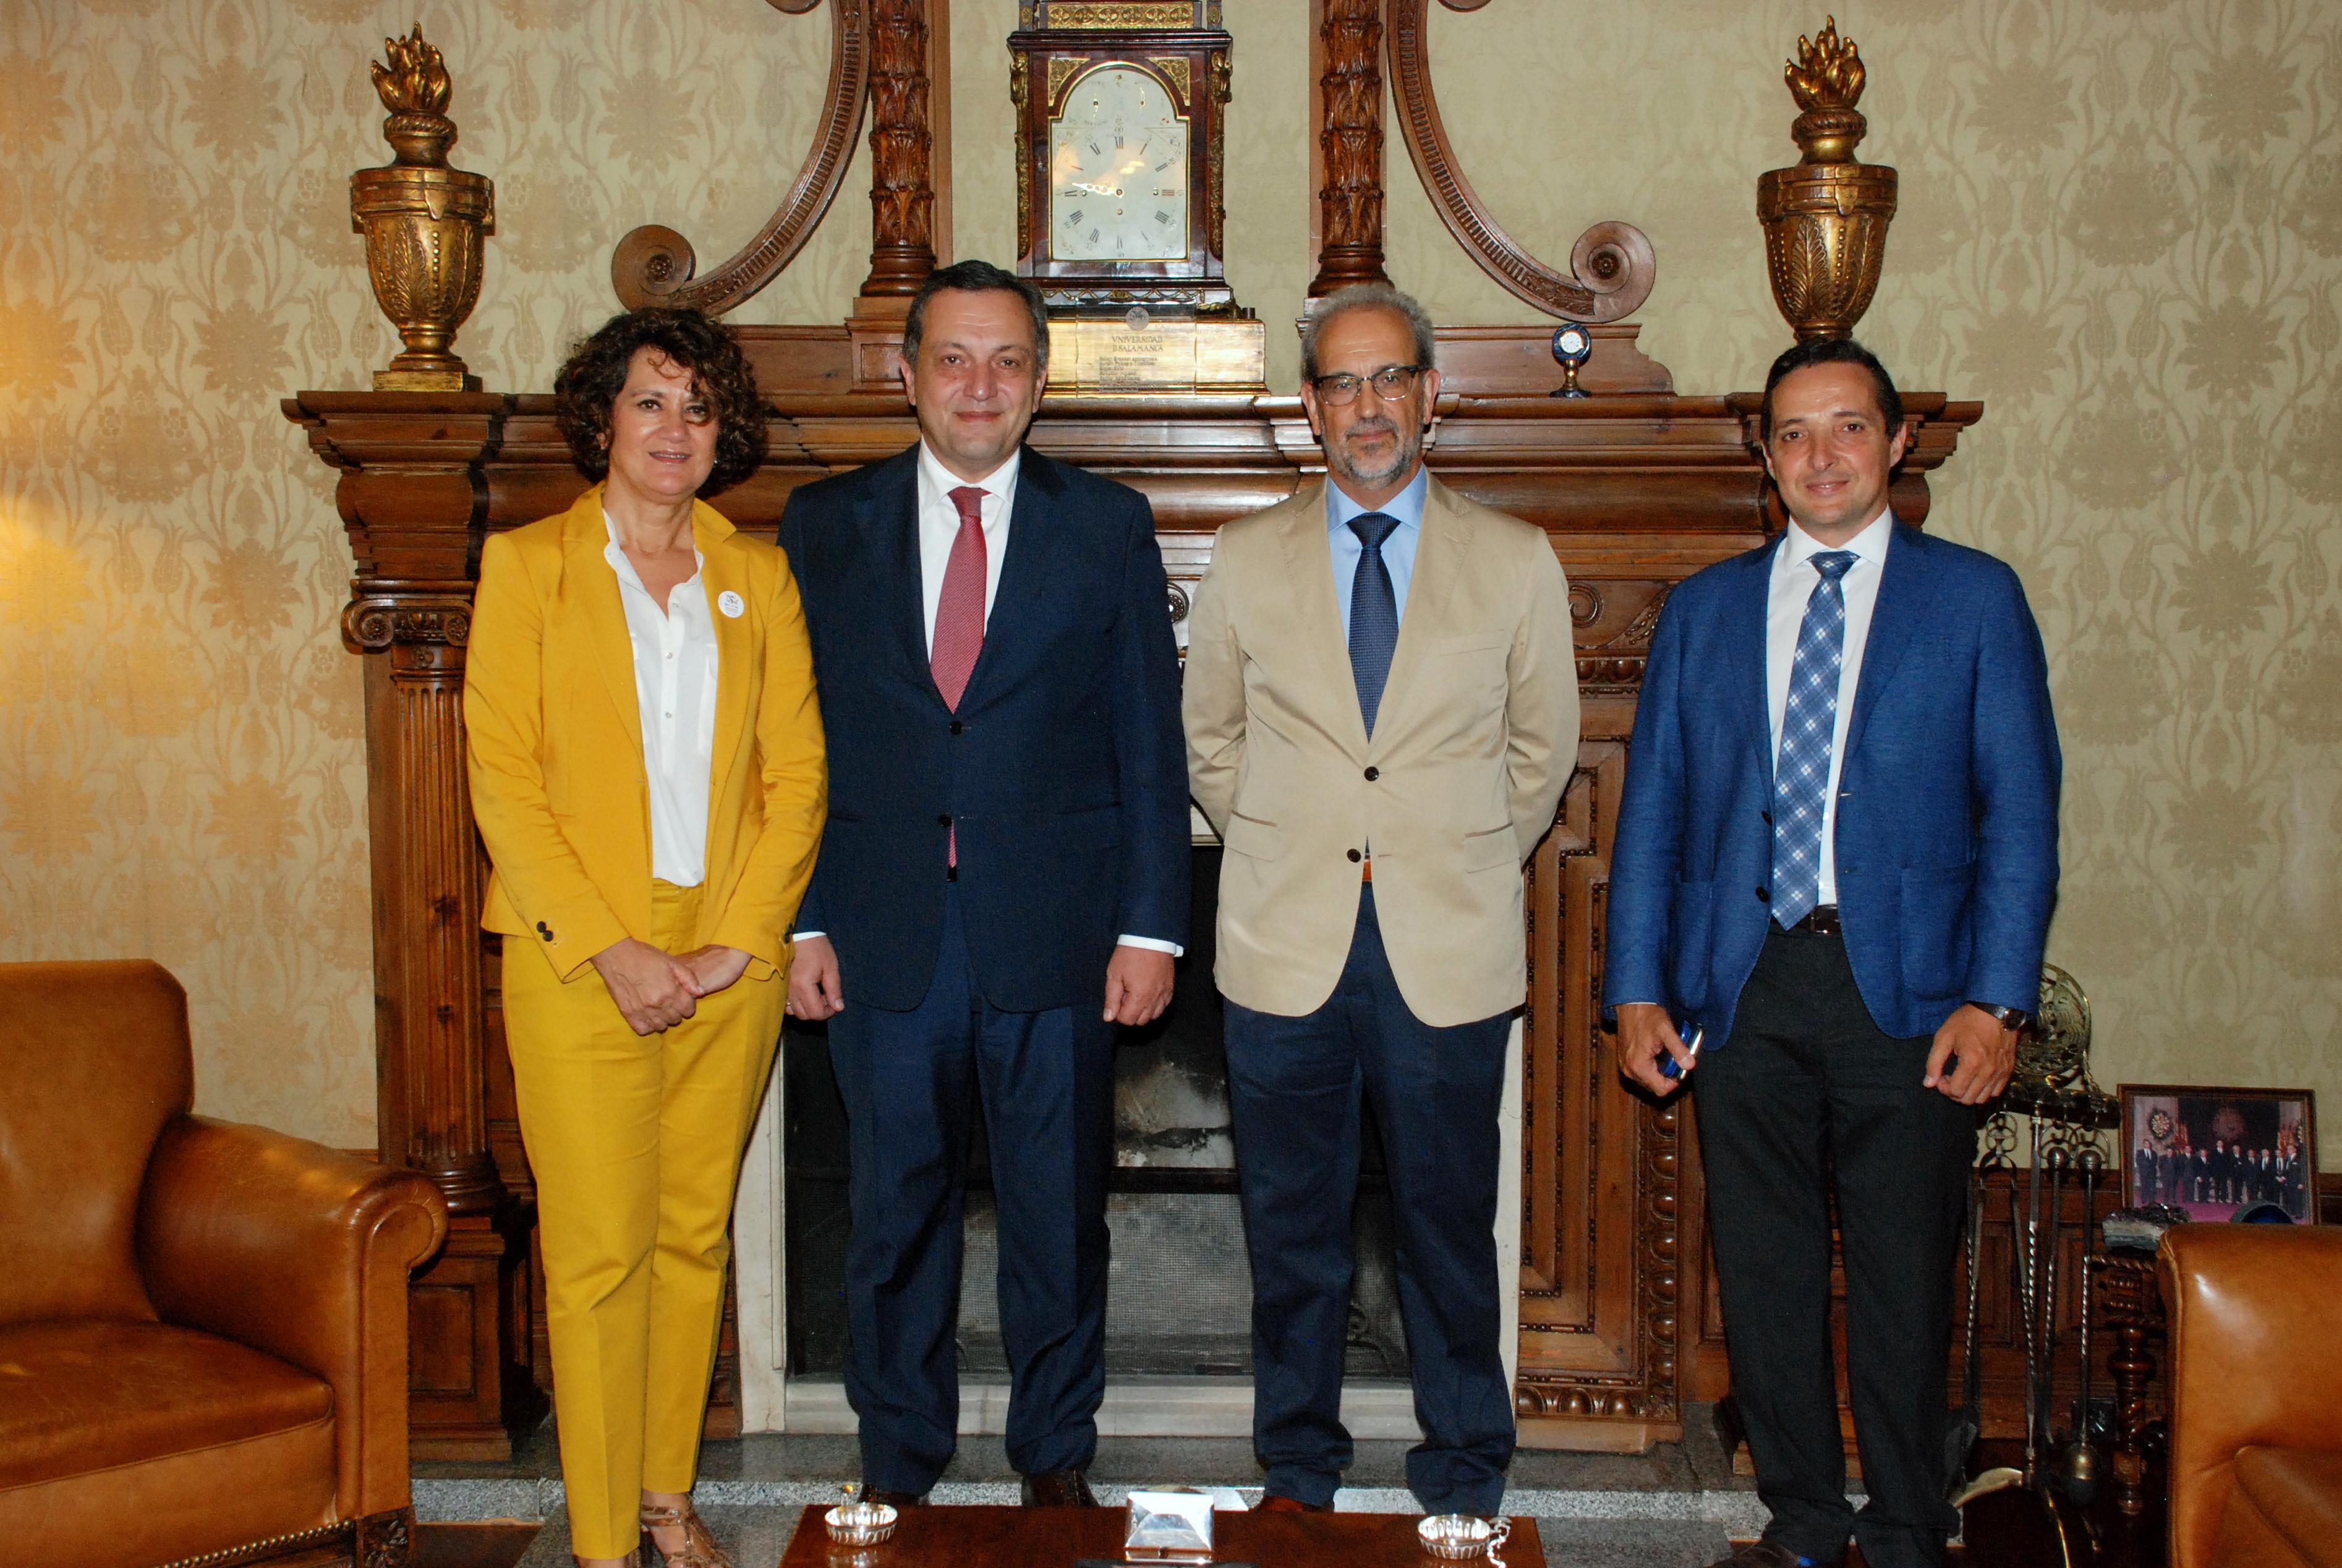 El rector de la Universidad de Salamanca recibe al embajador de la República de Armenia en España